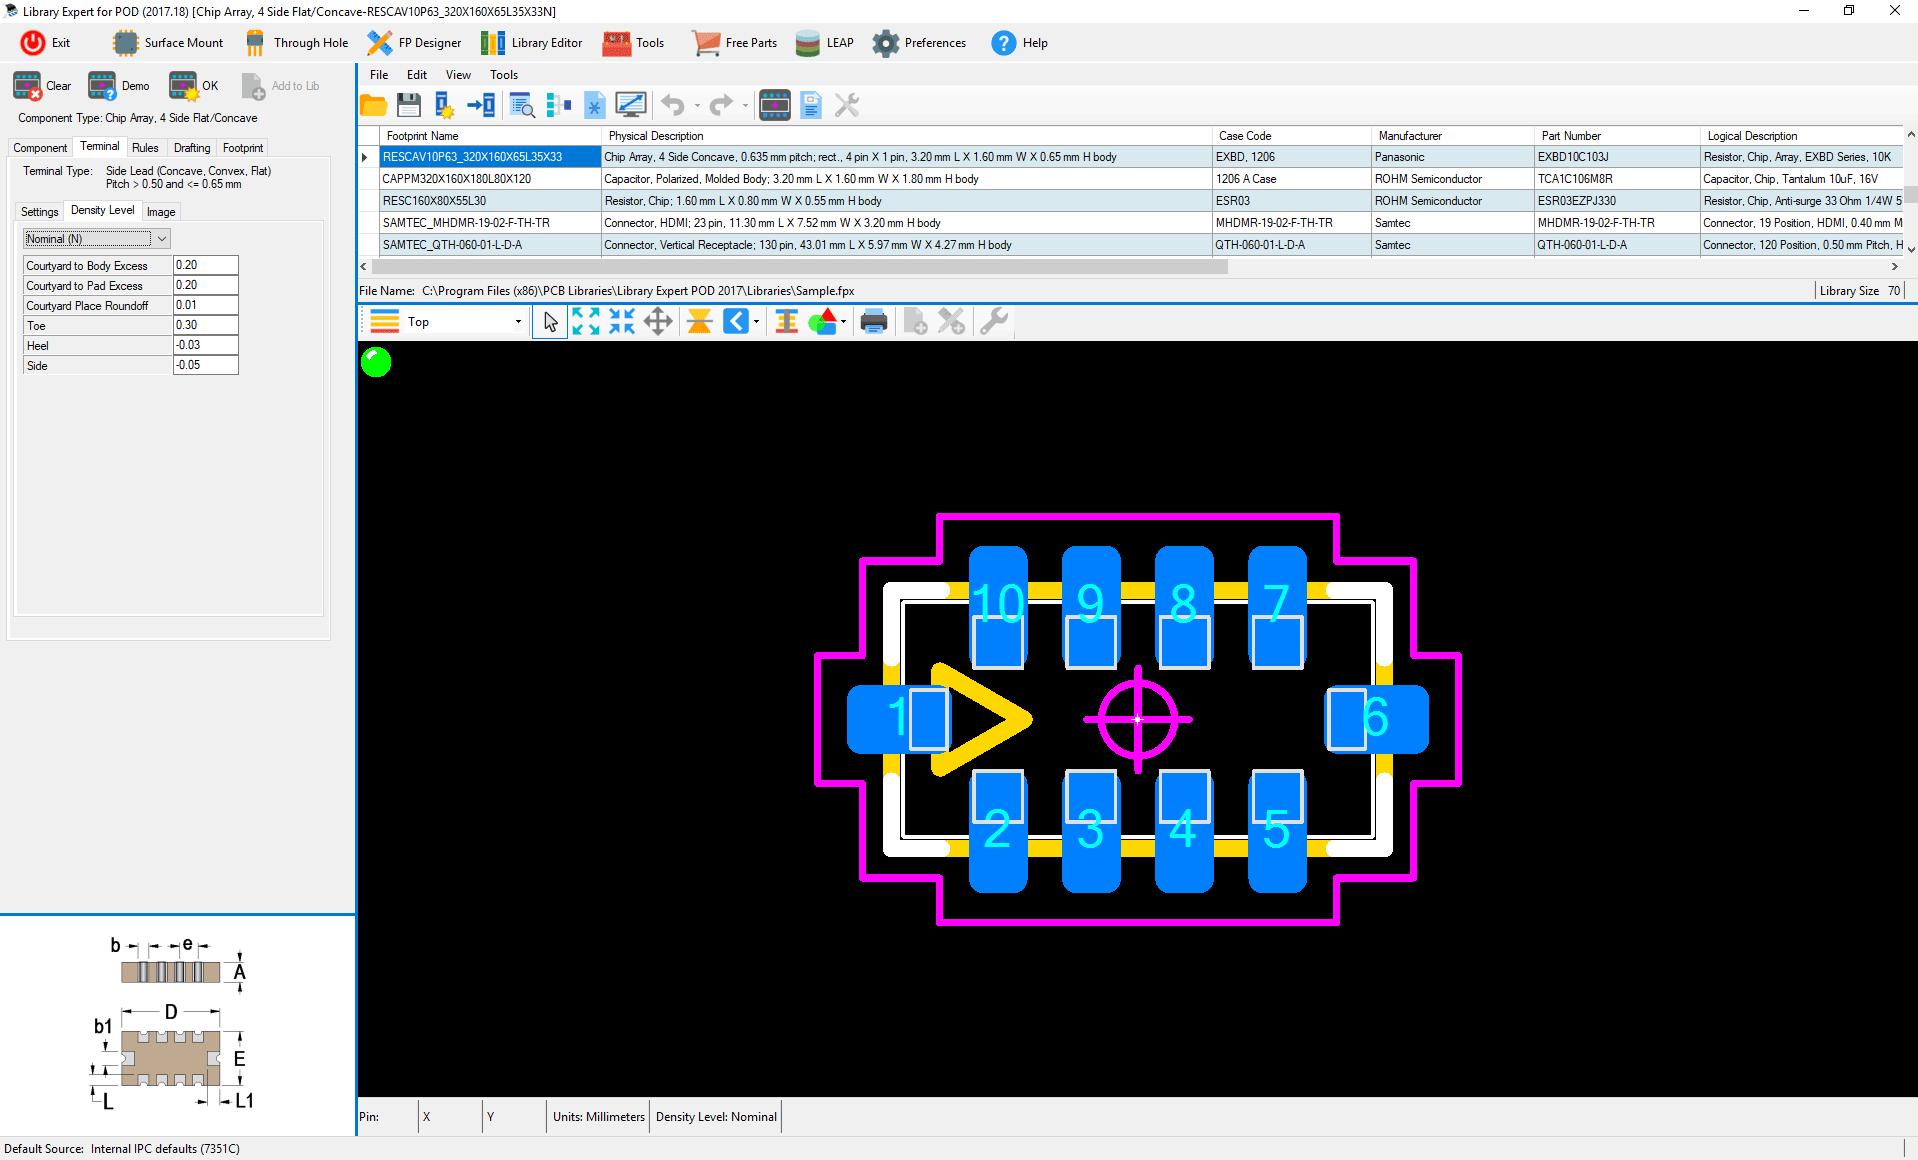 Fantastisch Einzellinendiagramm Software Frei Zeitgenössisch ...